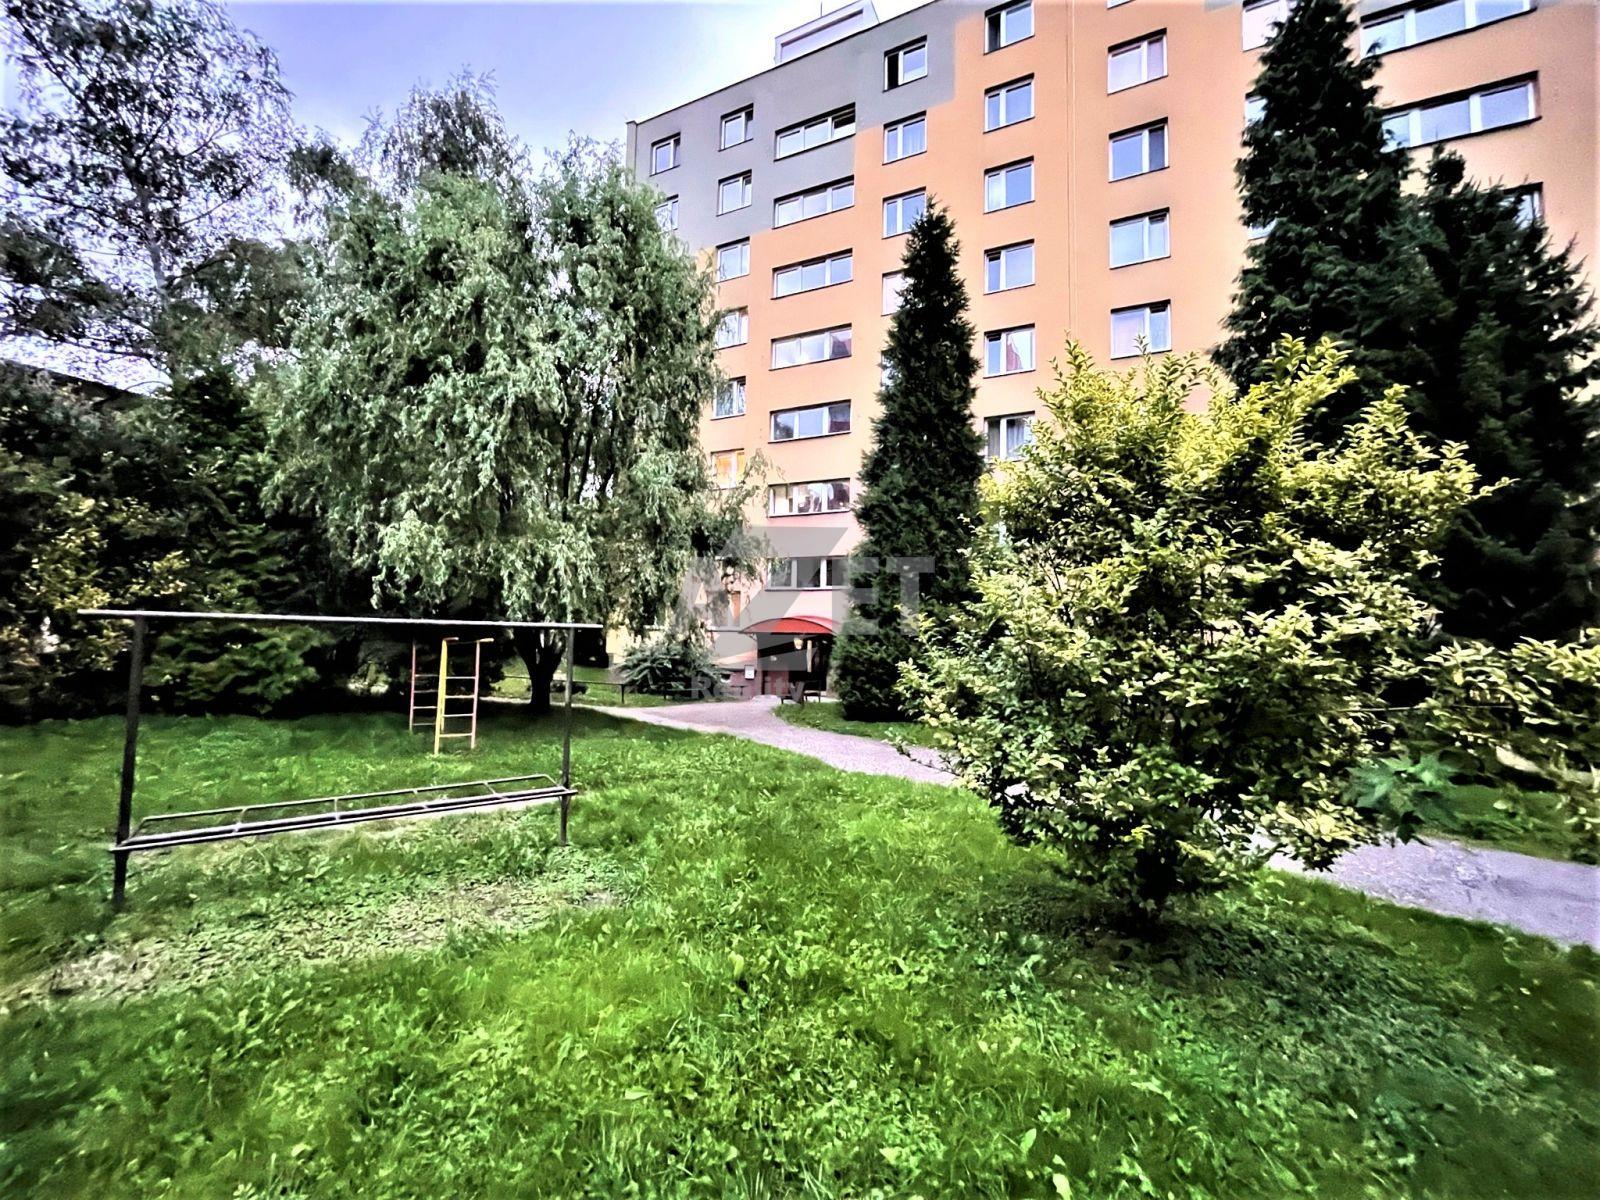 Prodej, byt 2+1, 56 m2, Orlová-Lutyně, ul. Vnitřní